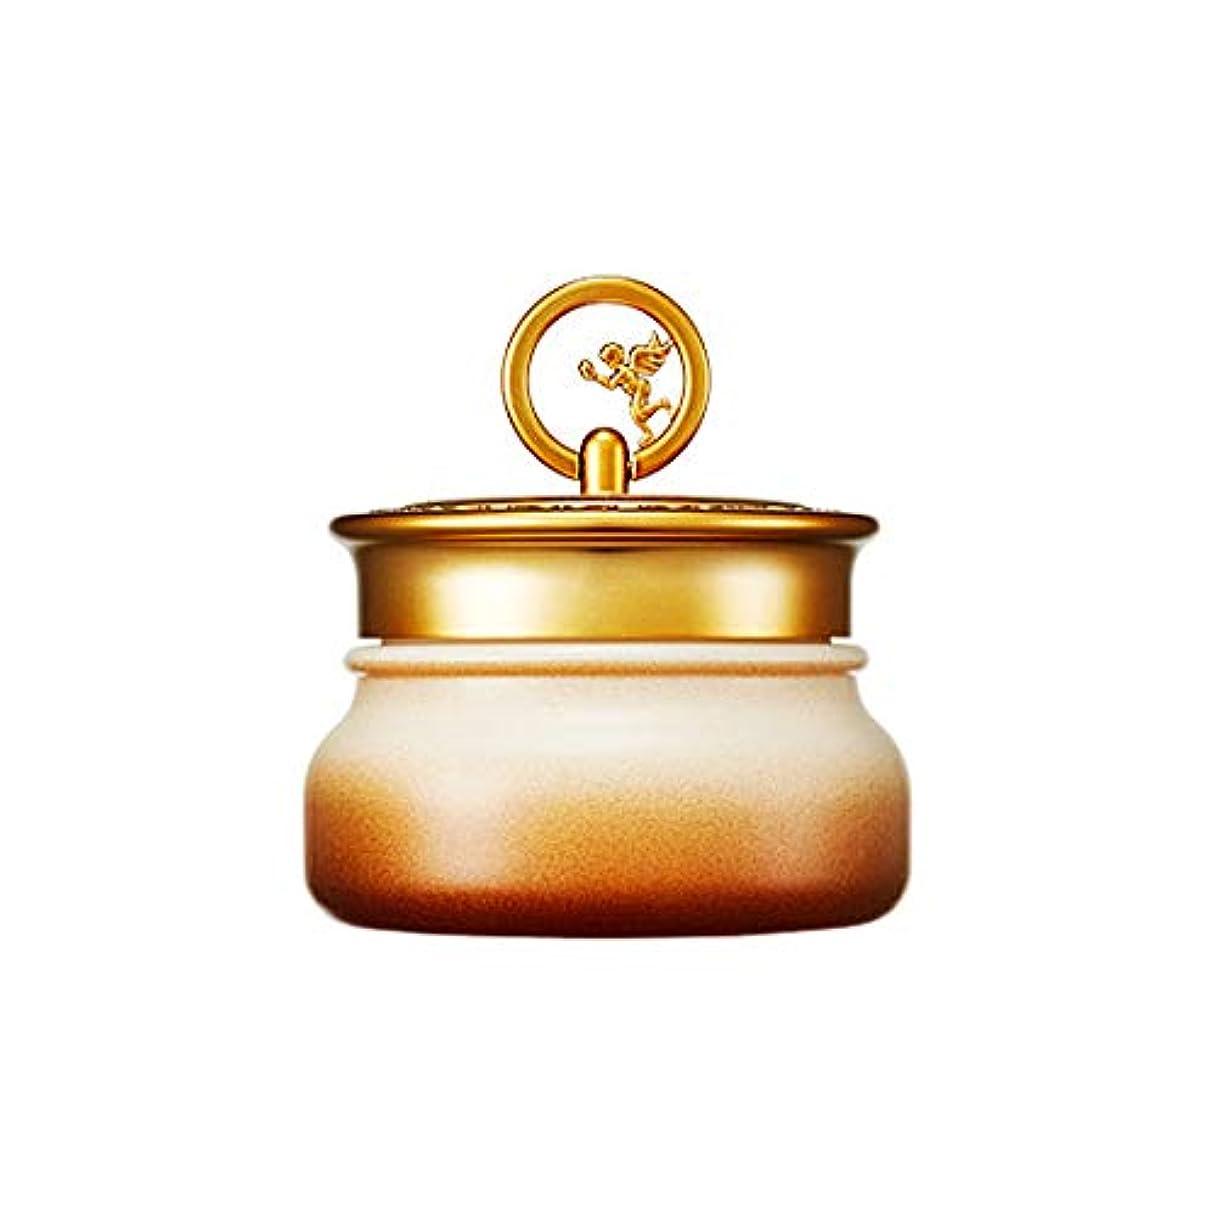 フォージ独創的線形Skinfood ゴールドキャビアクリーム(しわケア) / Gold Caviar Cream (wrinkle care) 45g [並行輸入品]